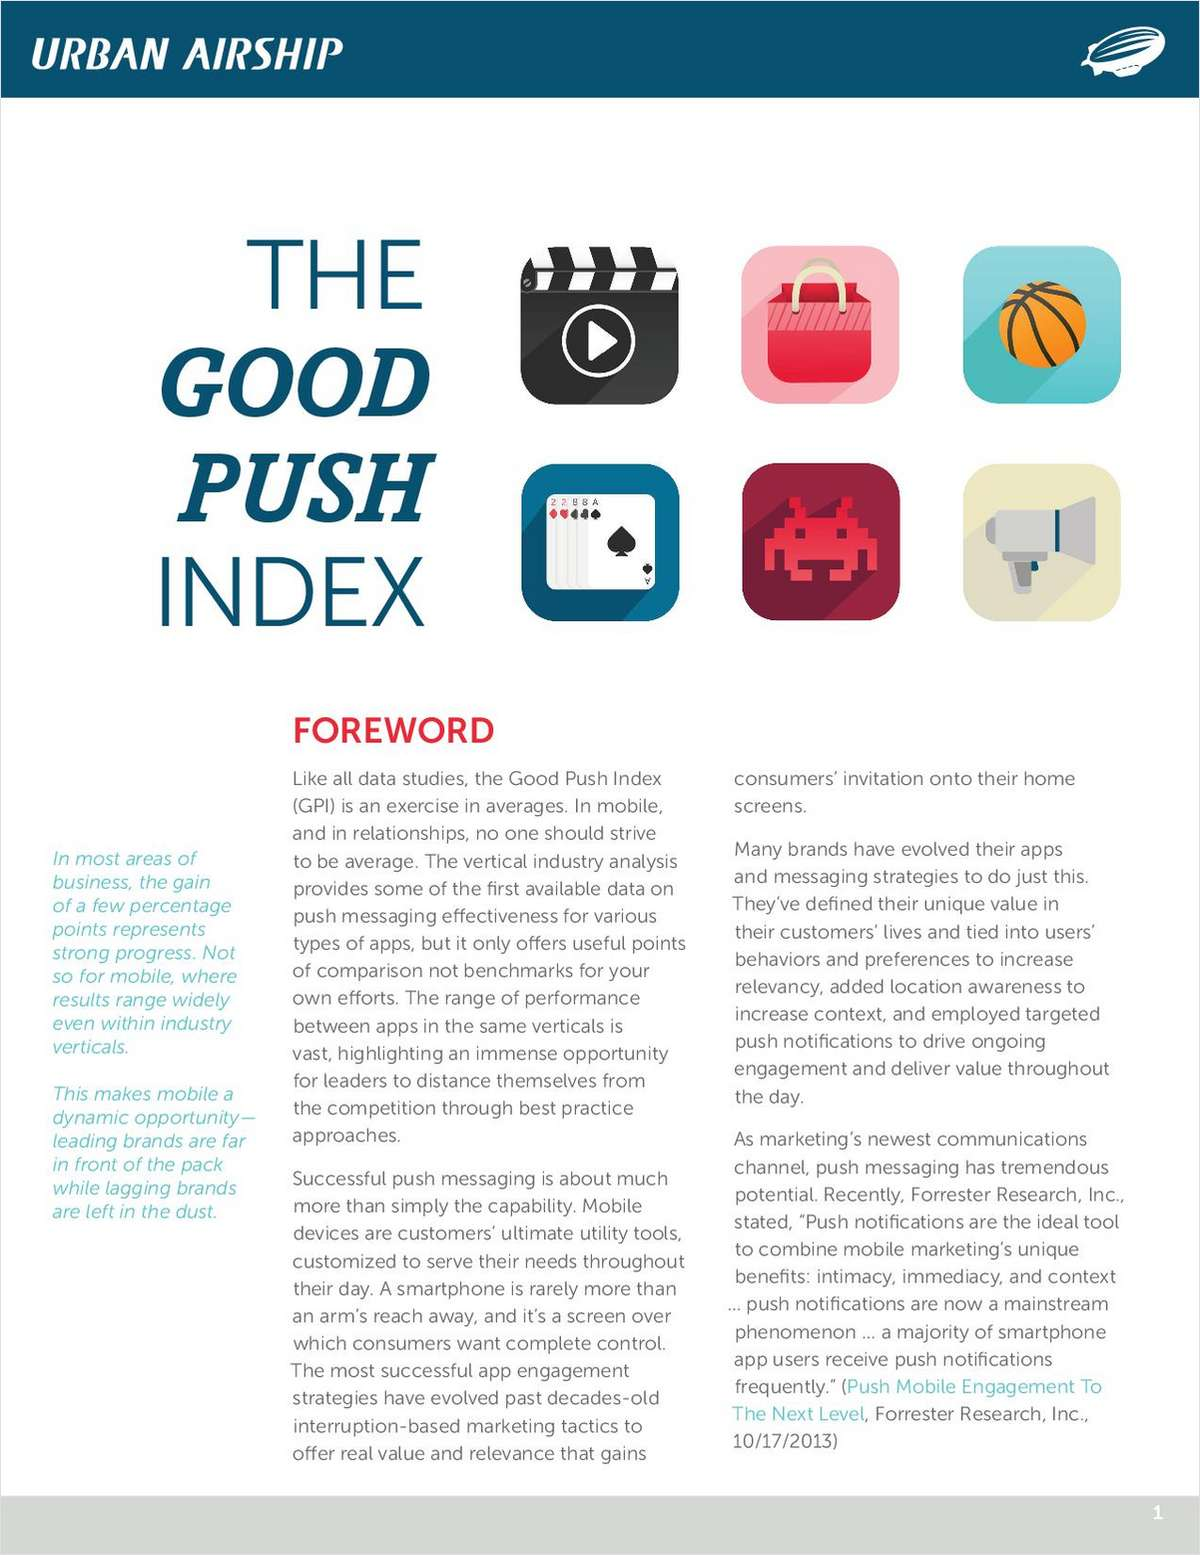 Good Push Index